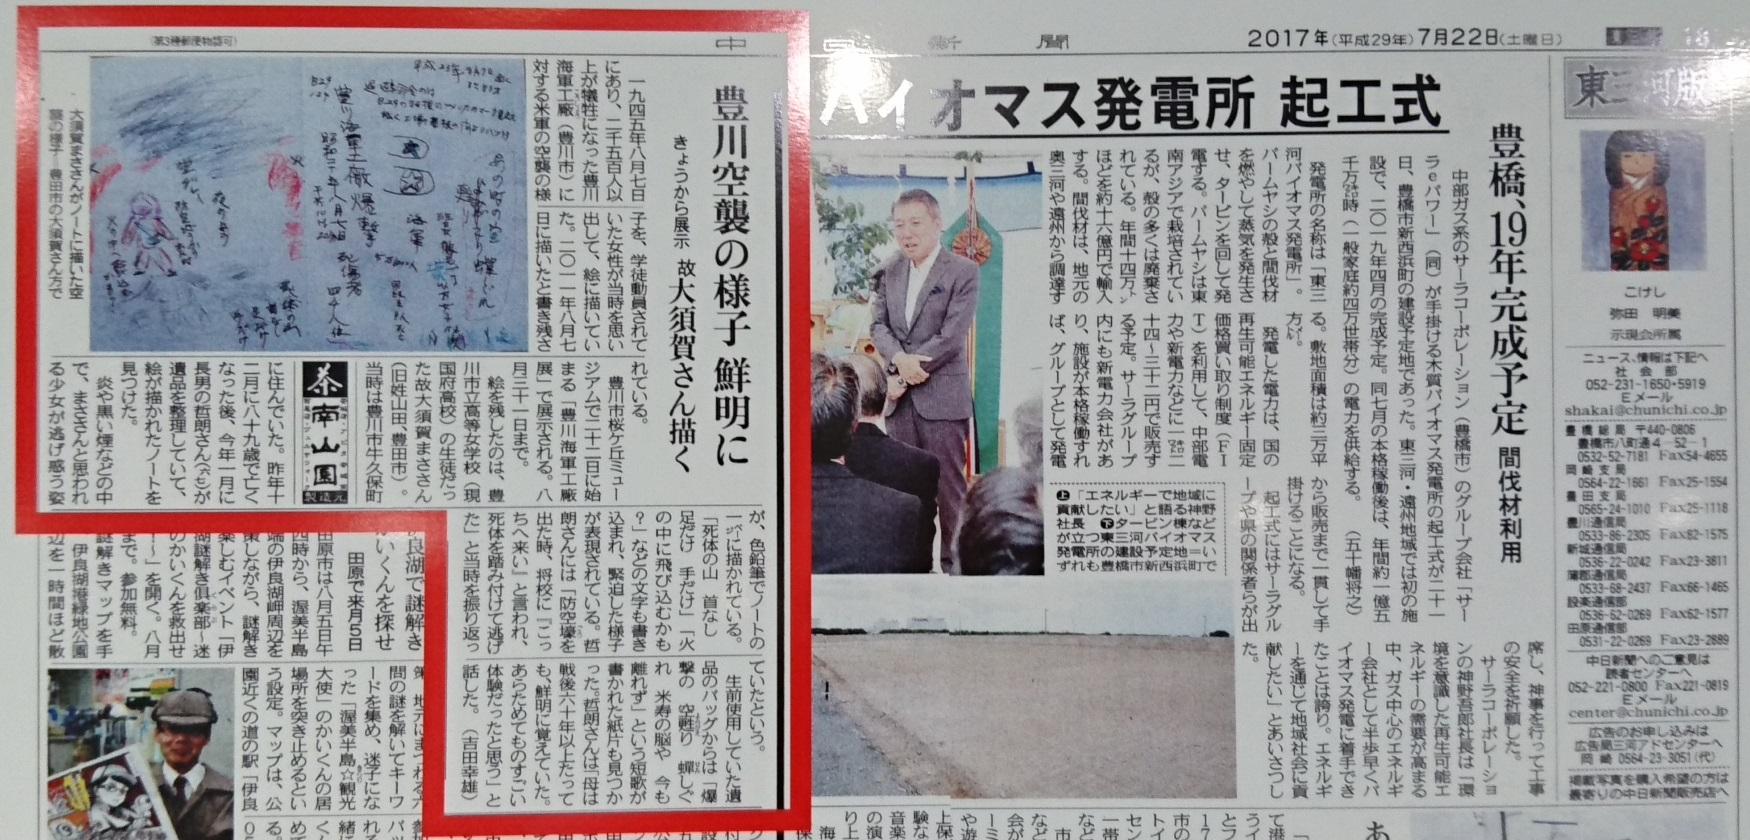 2017.8.30 豊川海軍工廠展 (4) 東三河版記事 1750-840